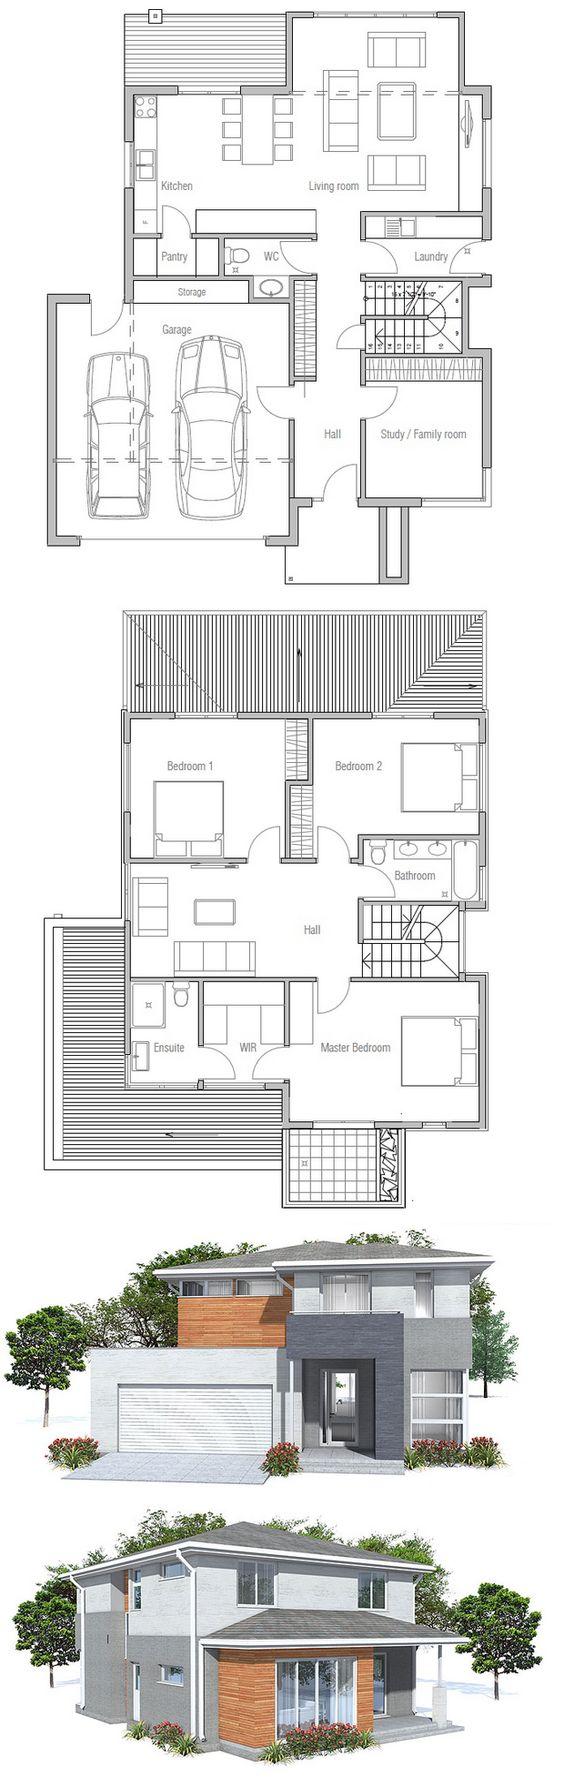 Fotos de plantas de casas com fachadas 3 quartos